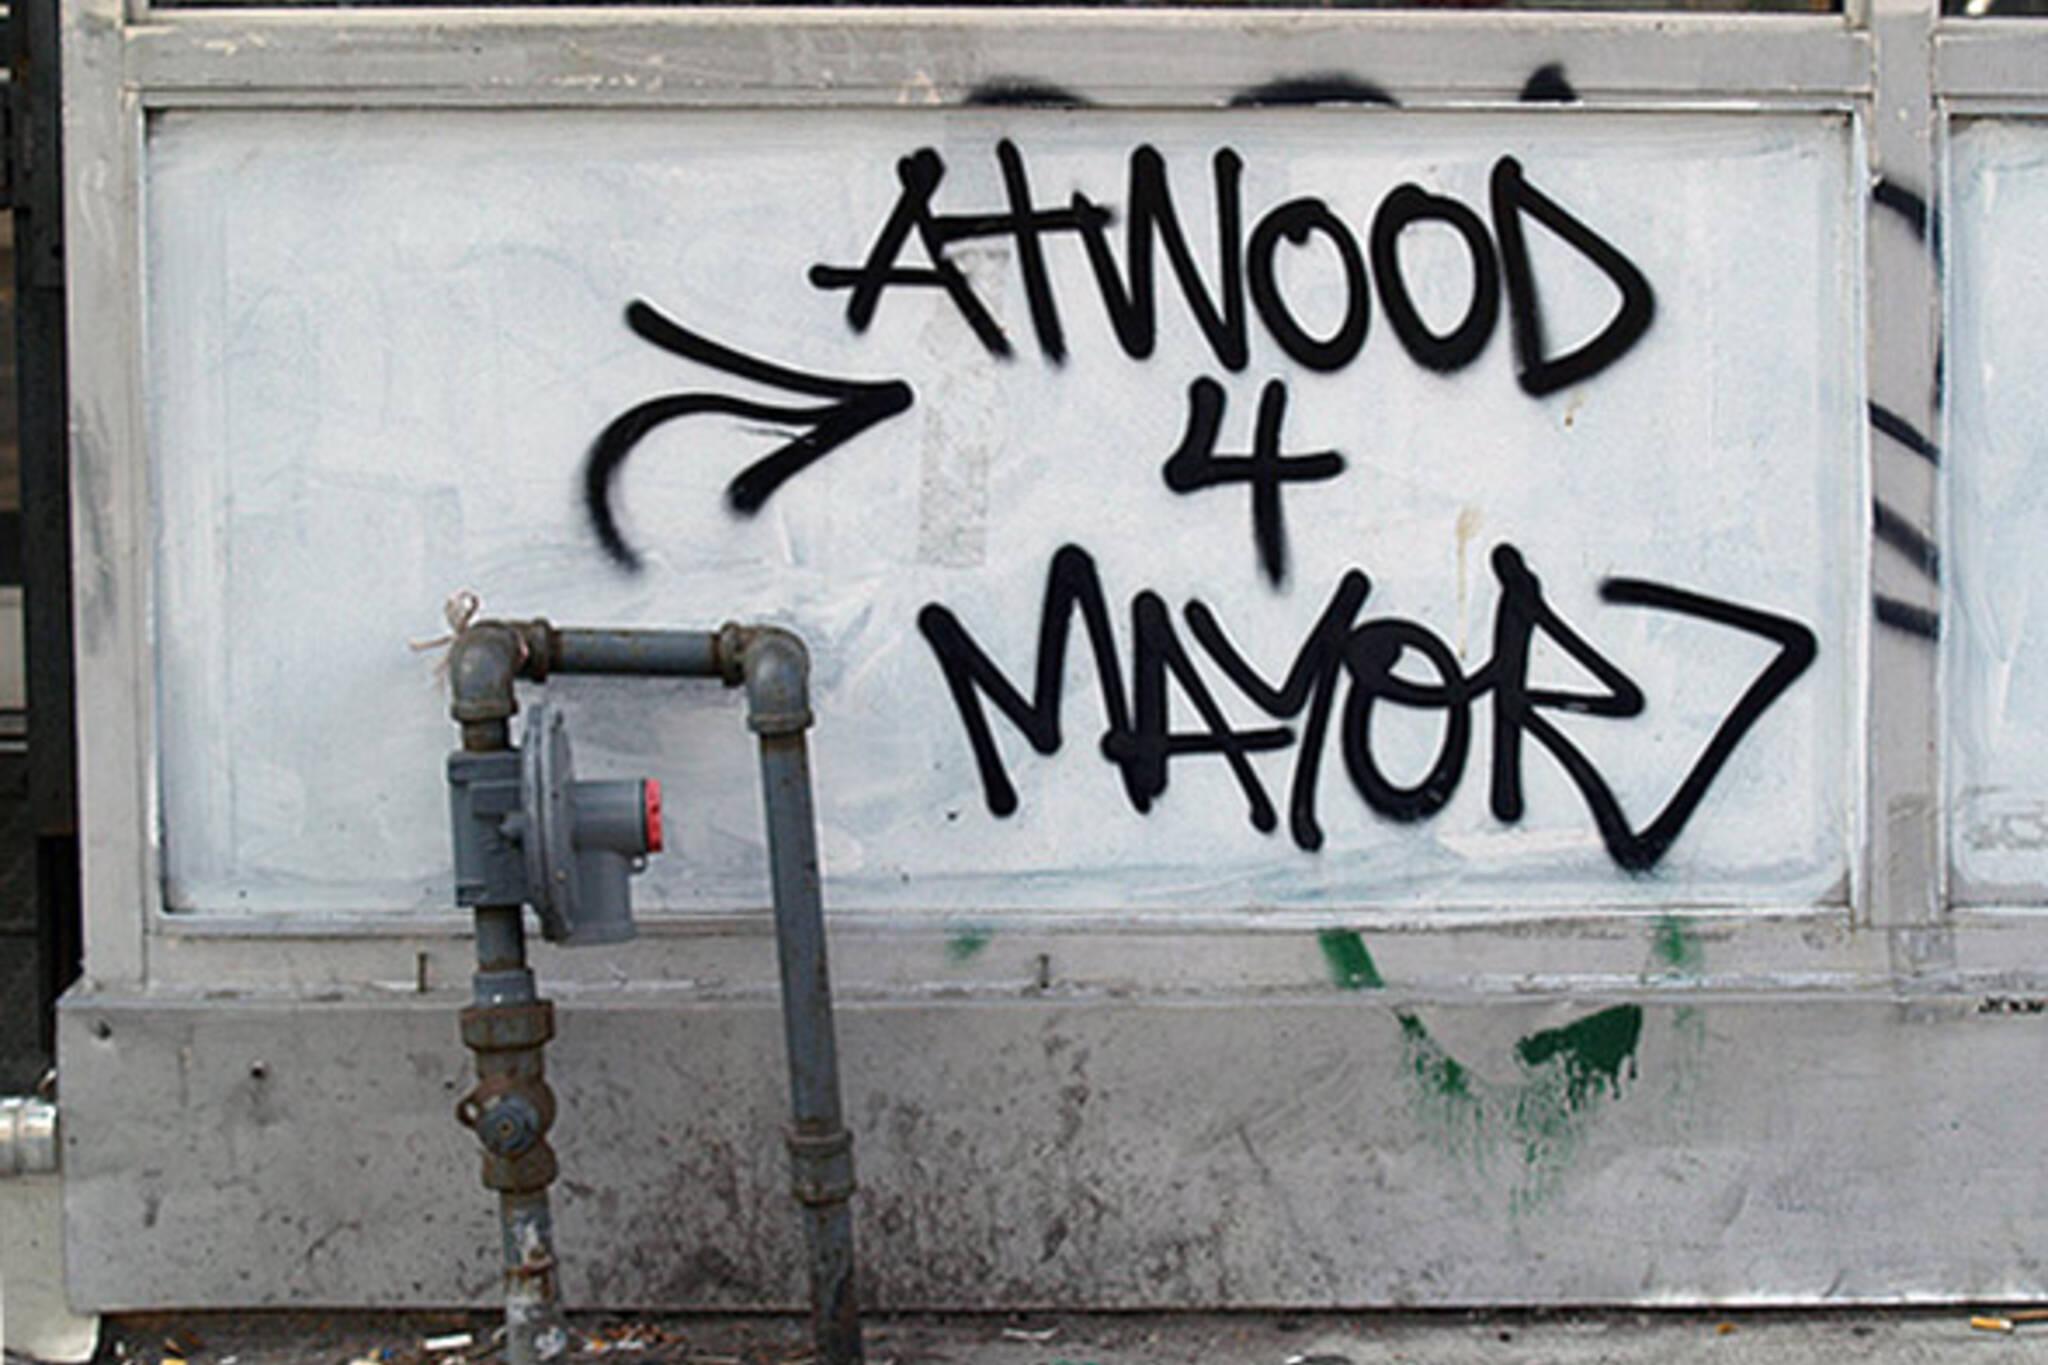 Margaret Atwood Toronto Mayor